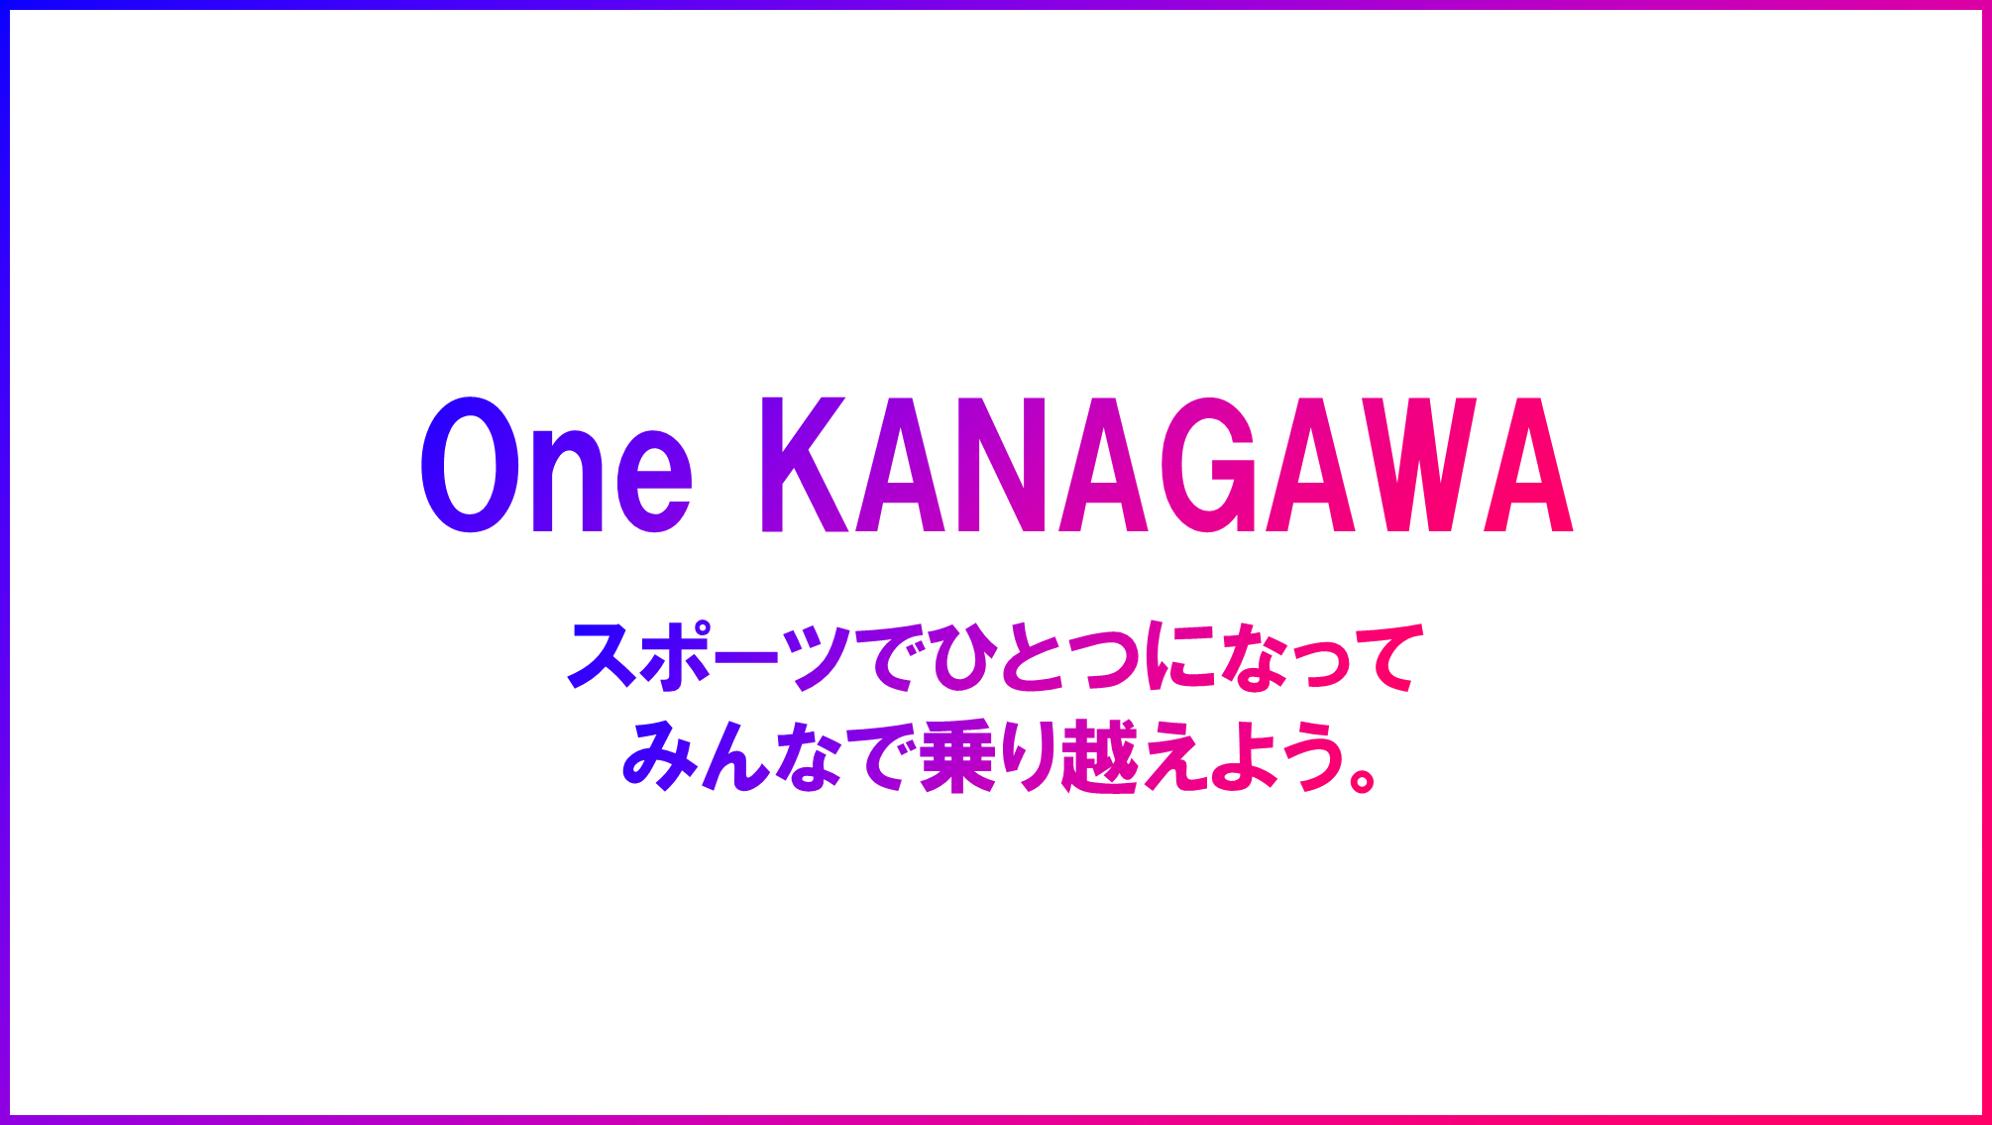 One KANAGAWA